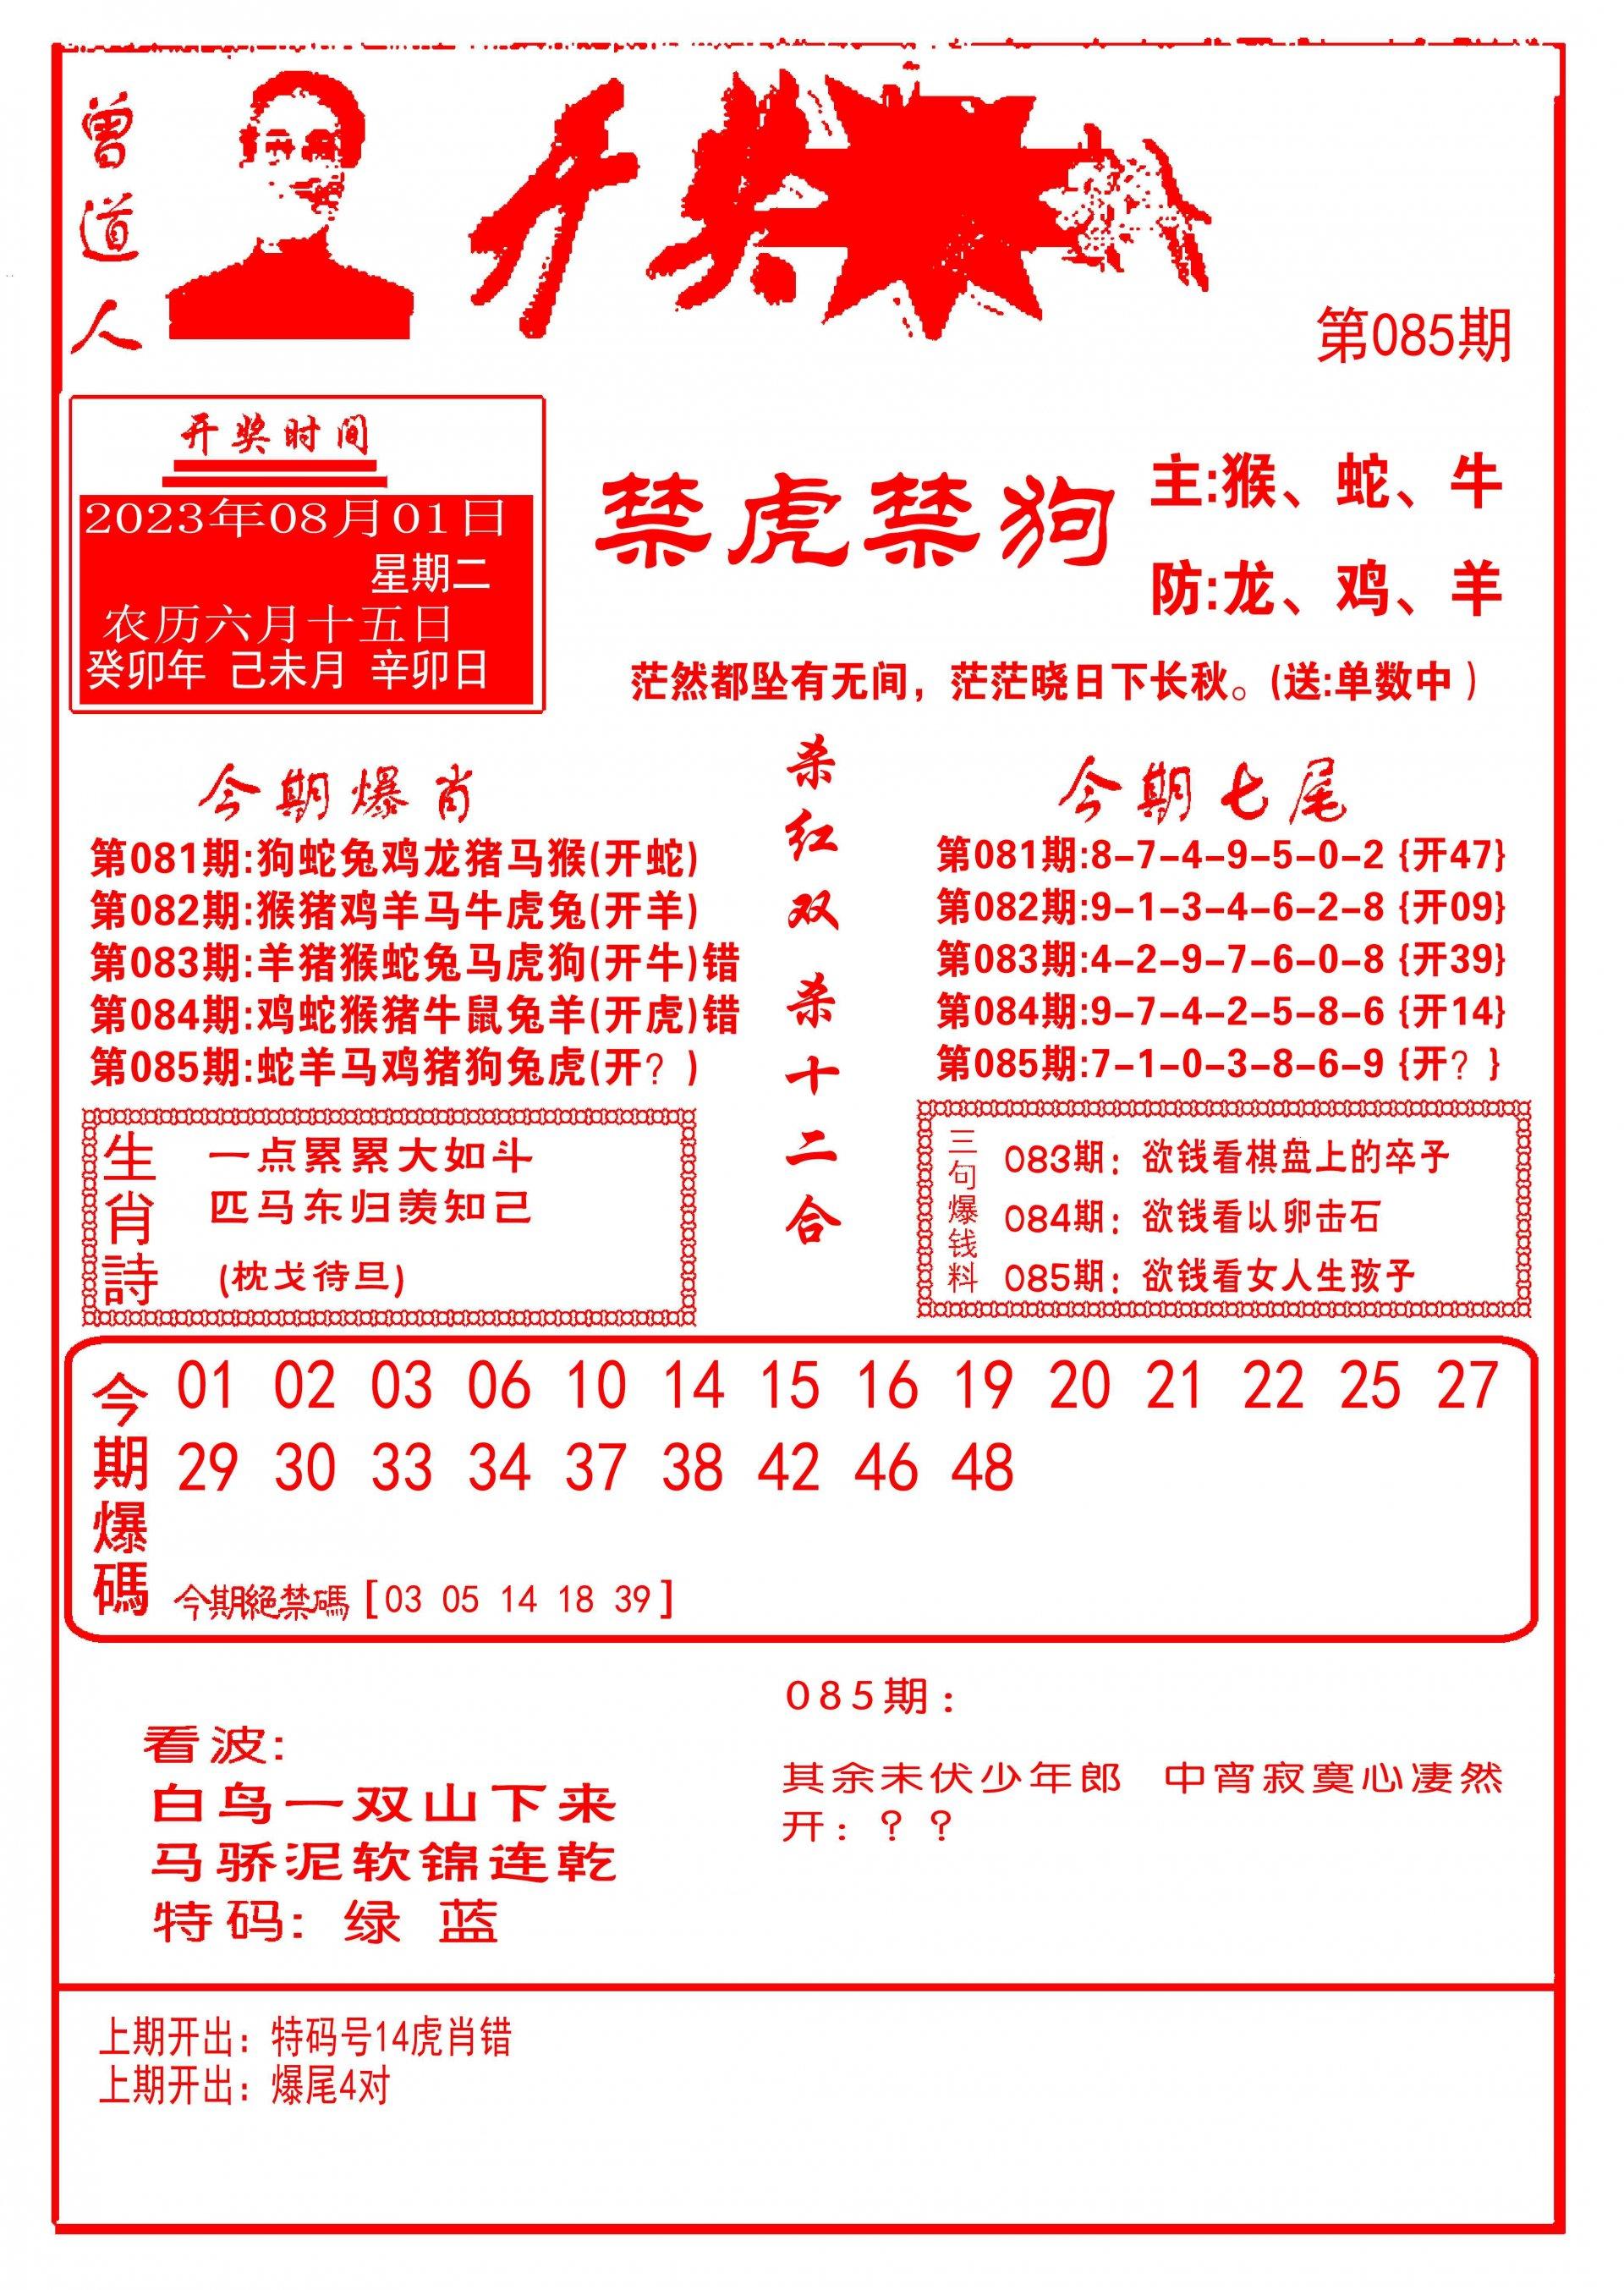 085期开奖爆料(新图推荐)